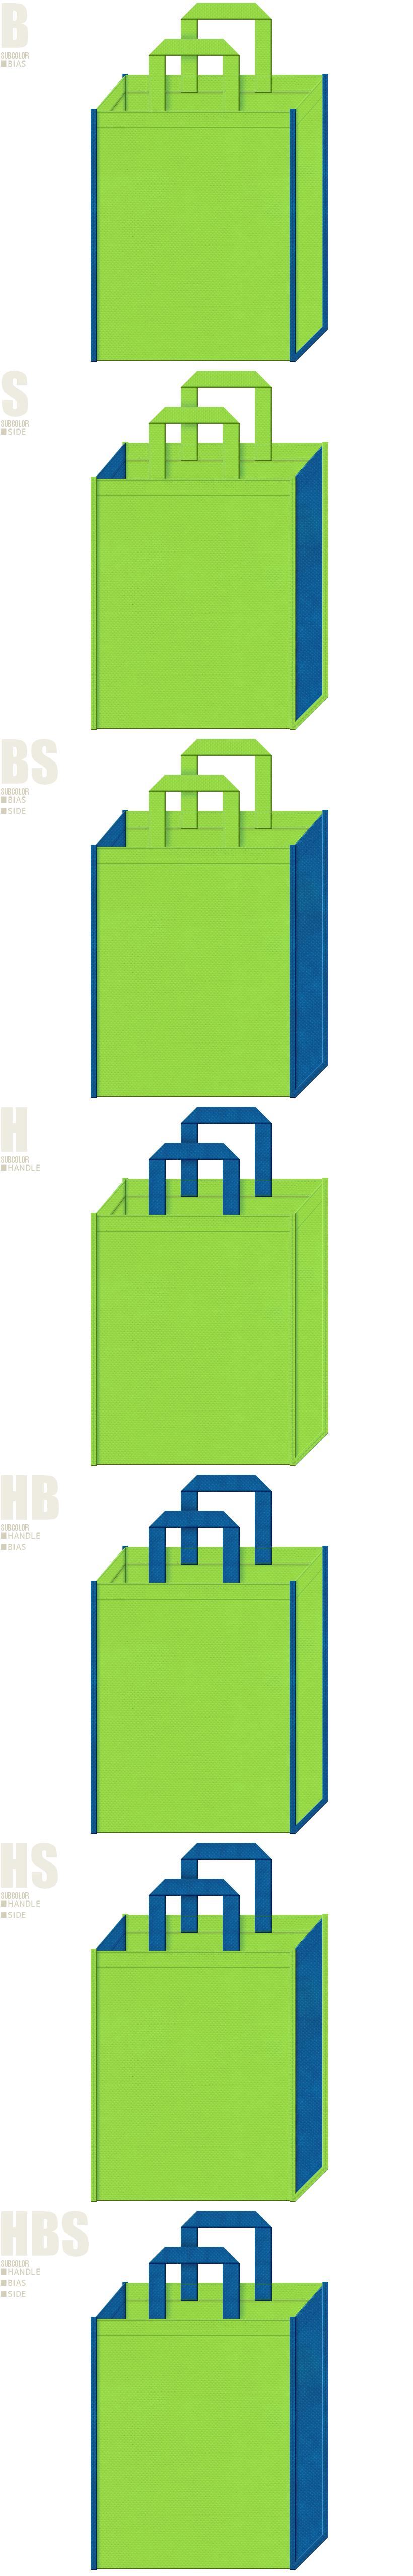 スポーツ・アウトドア用品の展示会用バッグにお奨めの不織布バッグデザイン:黄緑色と青色の不織布バッグ配色7パターン。